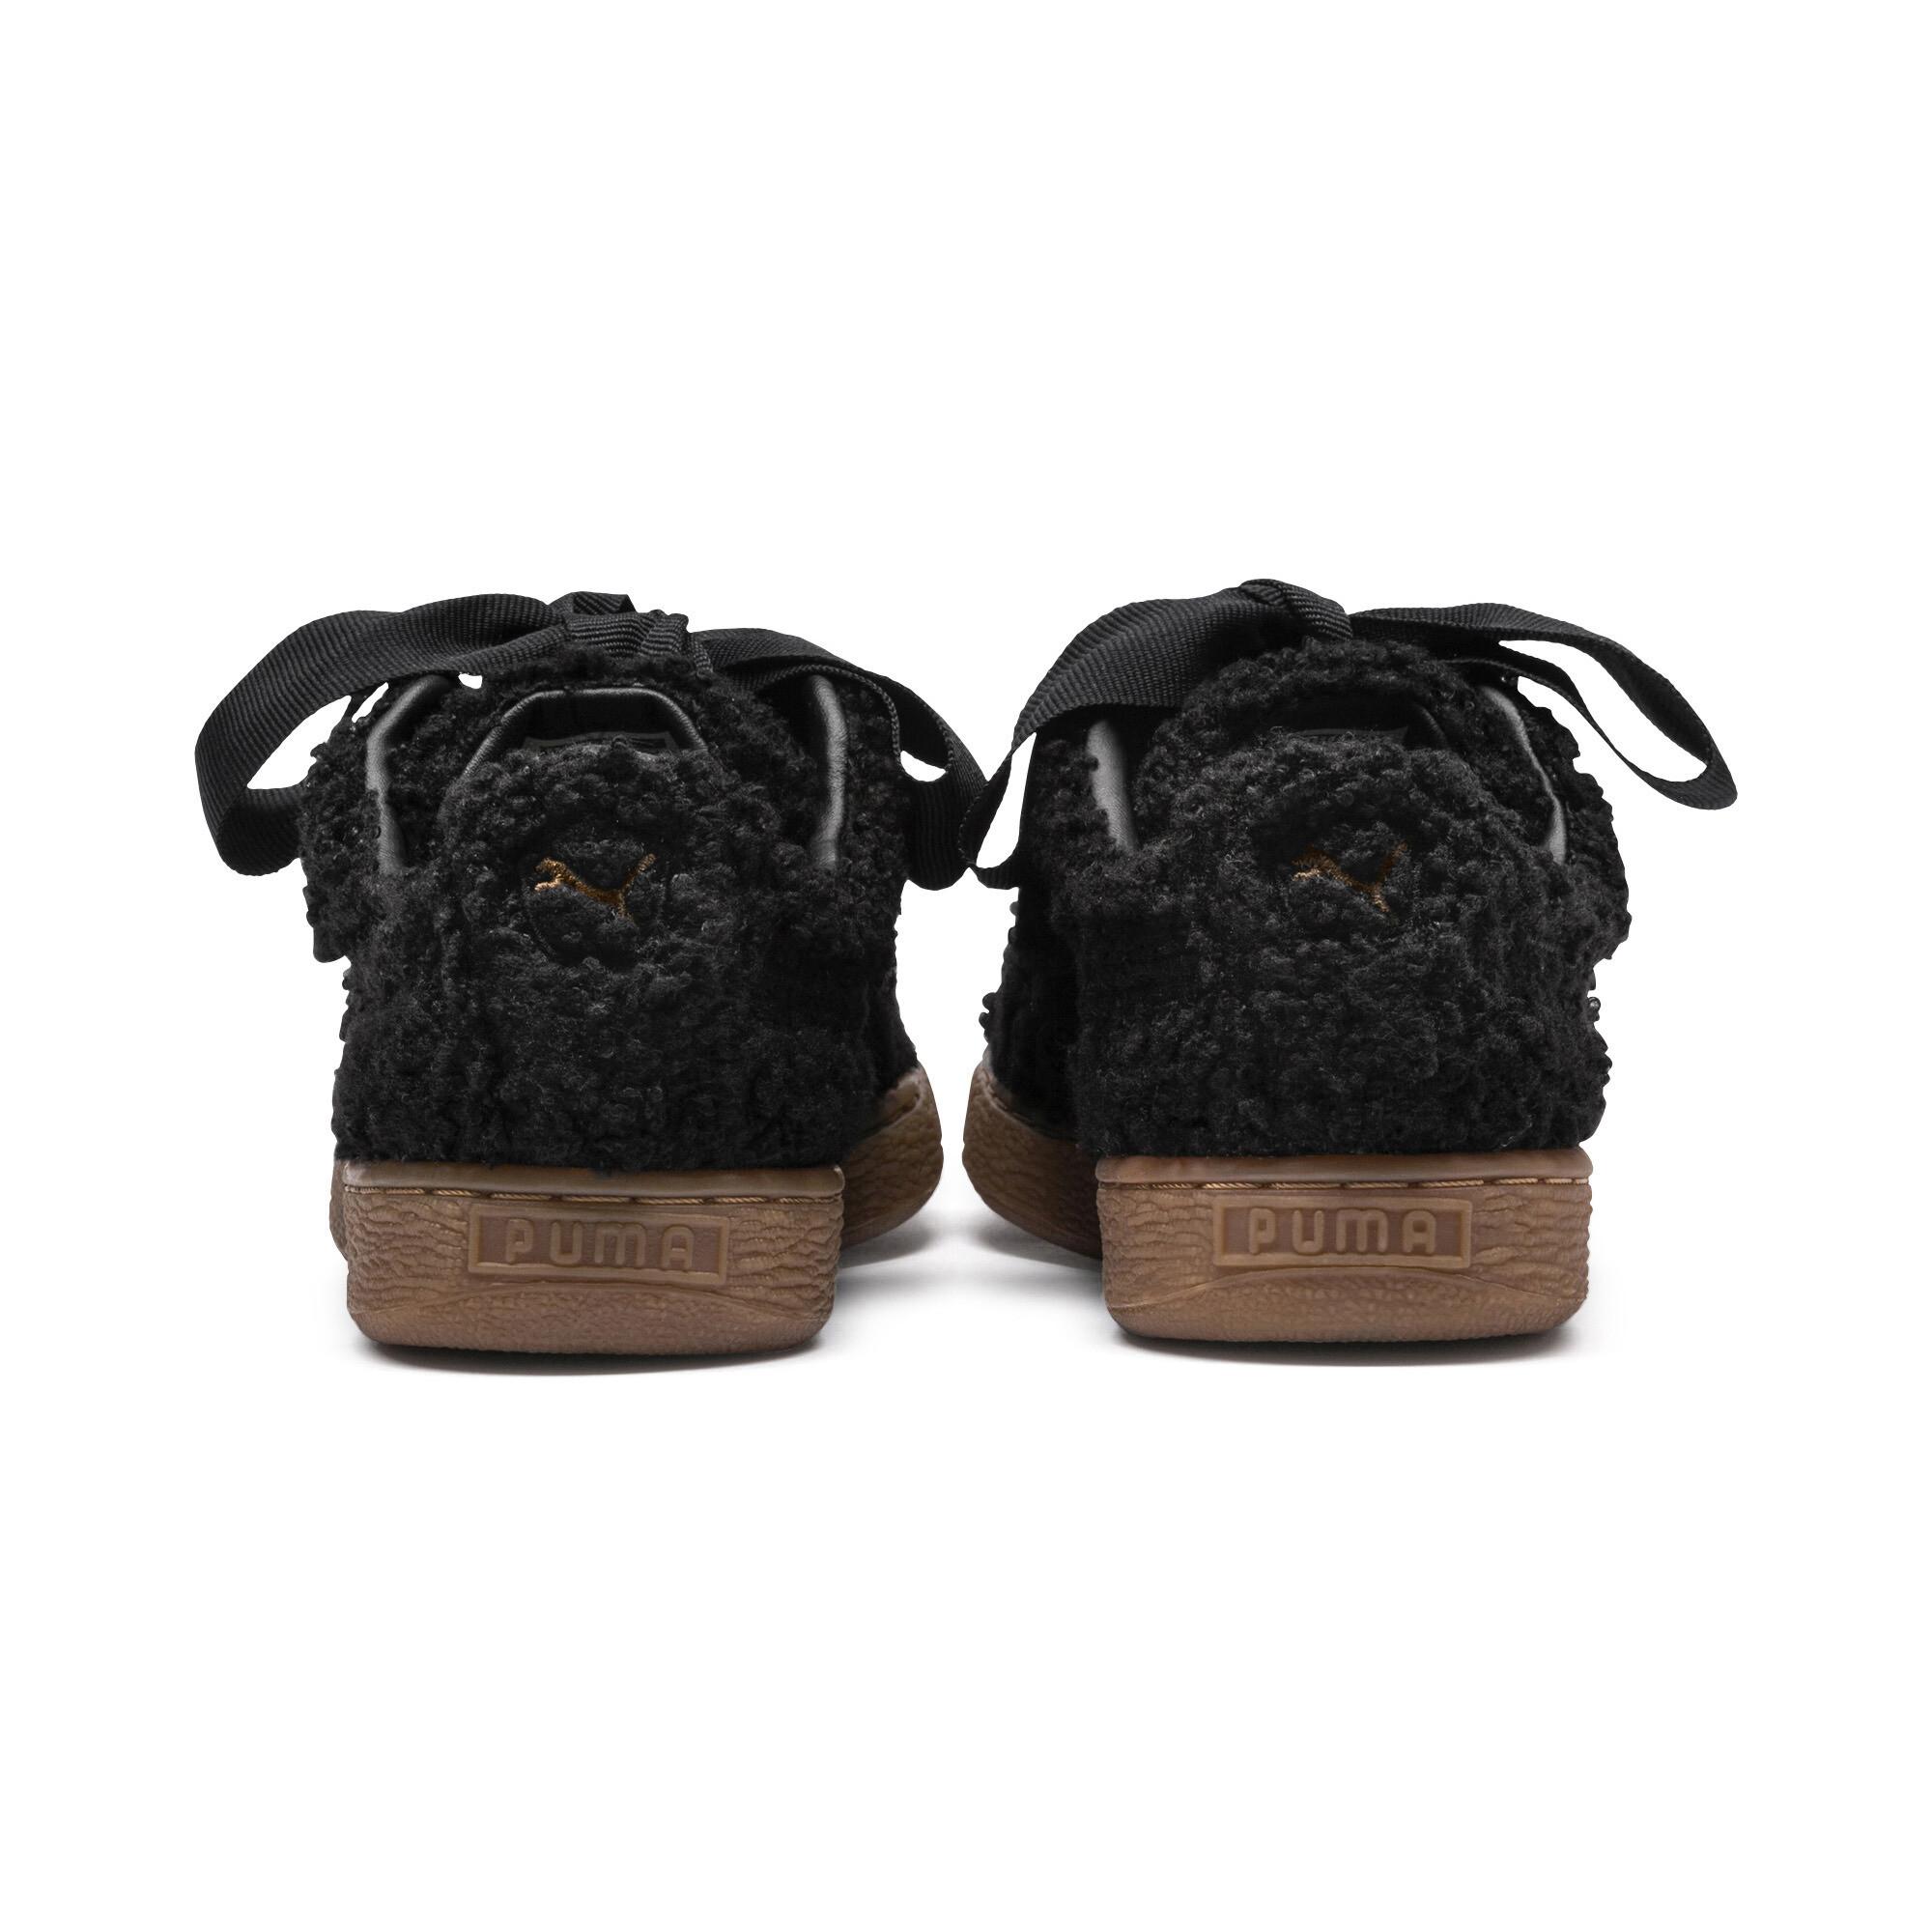 PUMA-Basket-Heart-Teddy-Women-s-Sneakers-Women-Shoe thumbnail 9